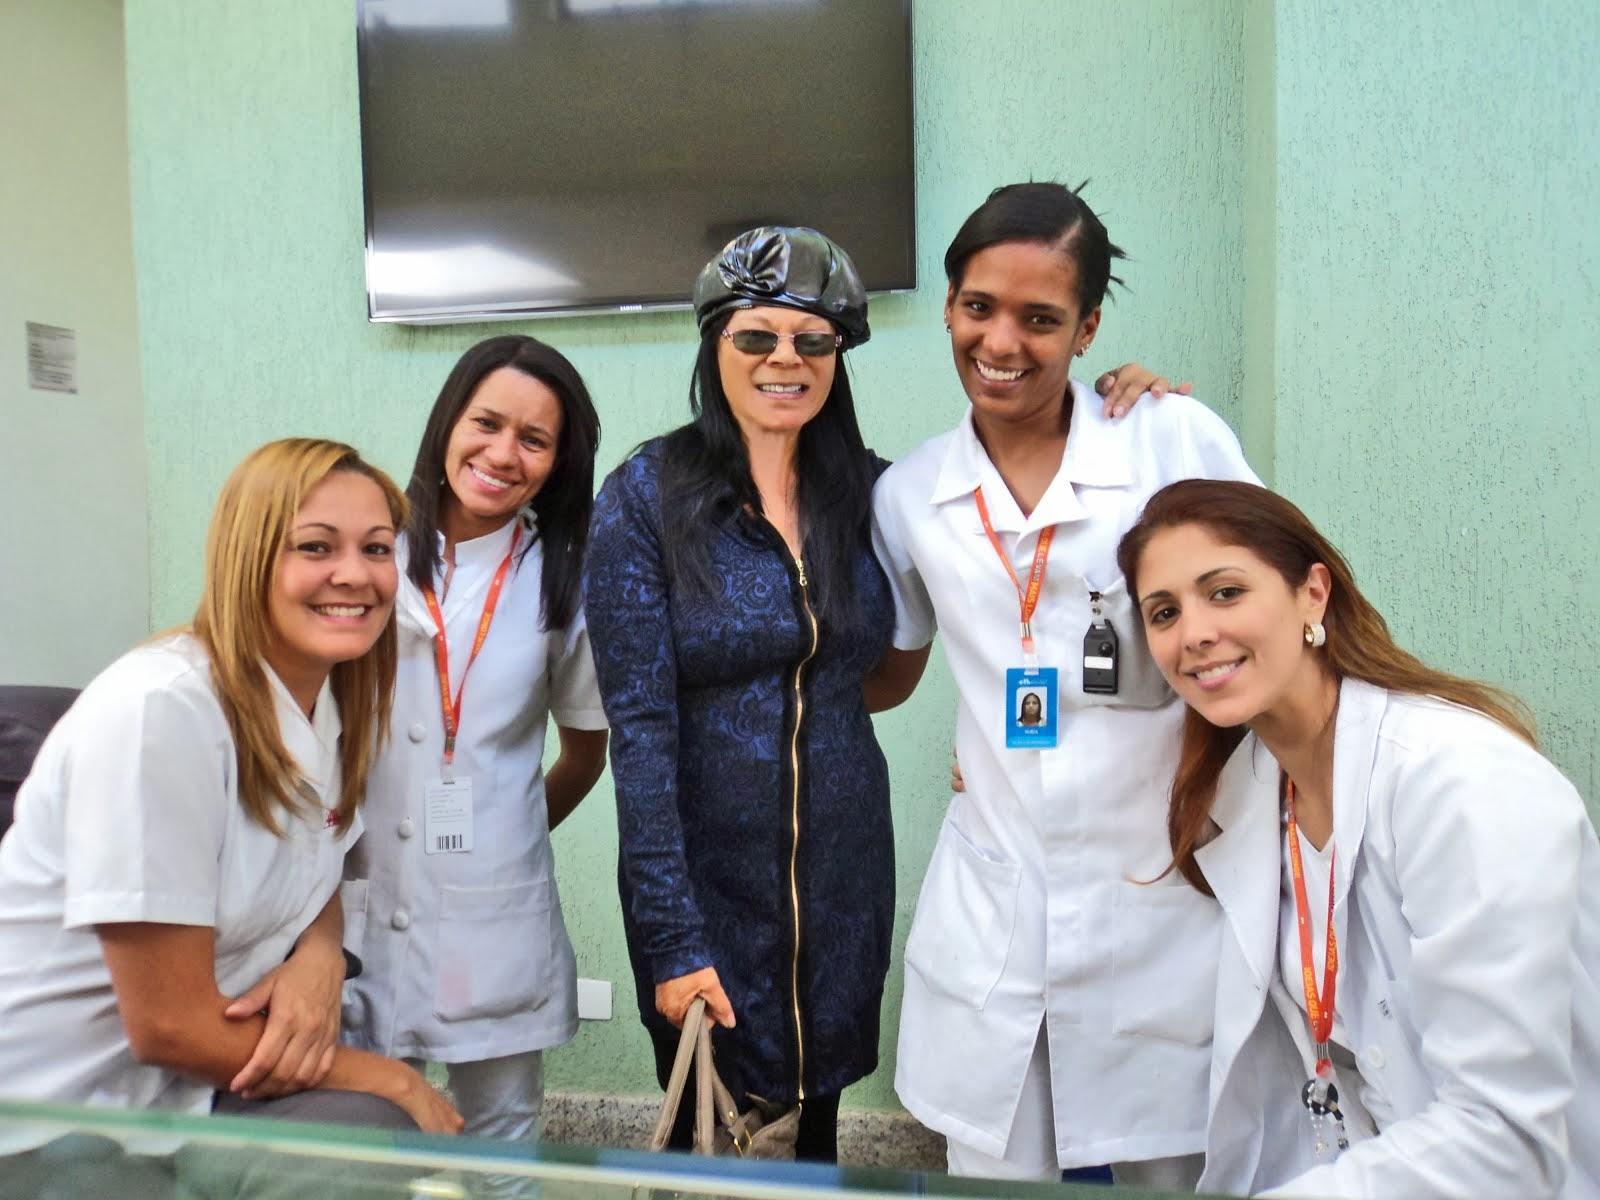 Minha Saida do Hospital... foi motivo de comemoração no Centro Clínico!